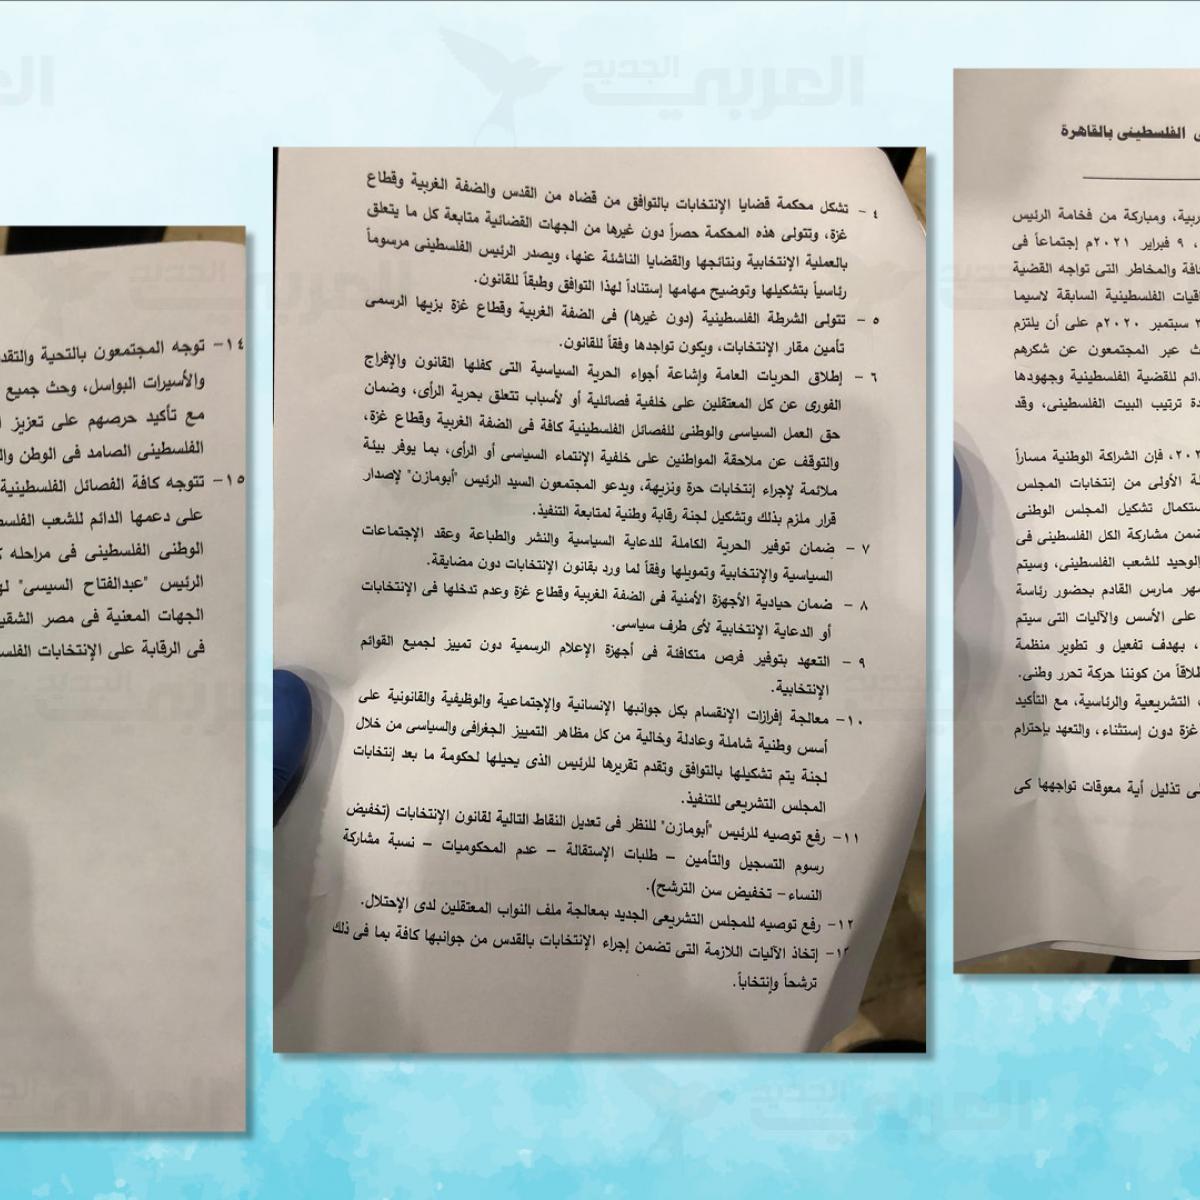 البيان الختامي للحوار الوطني الفلسطيني بالقاهرة - العربي الجديد